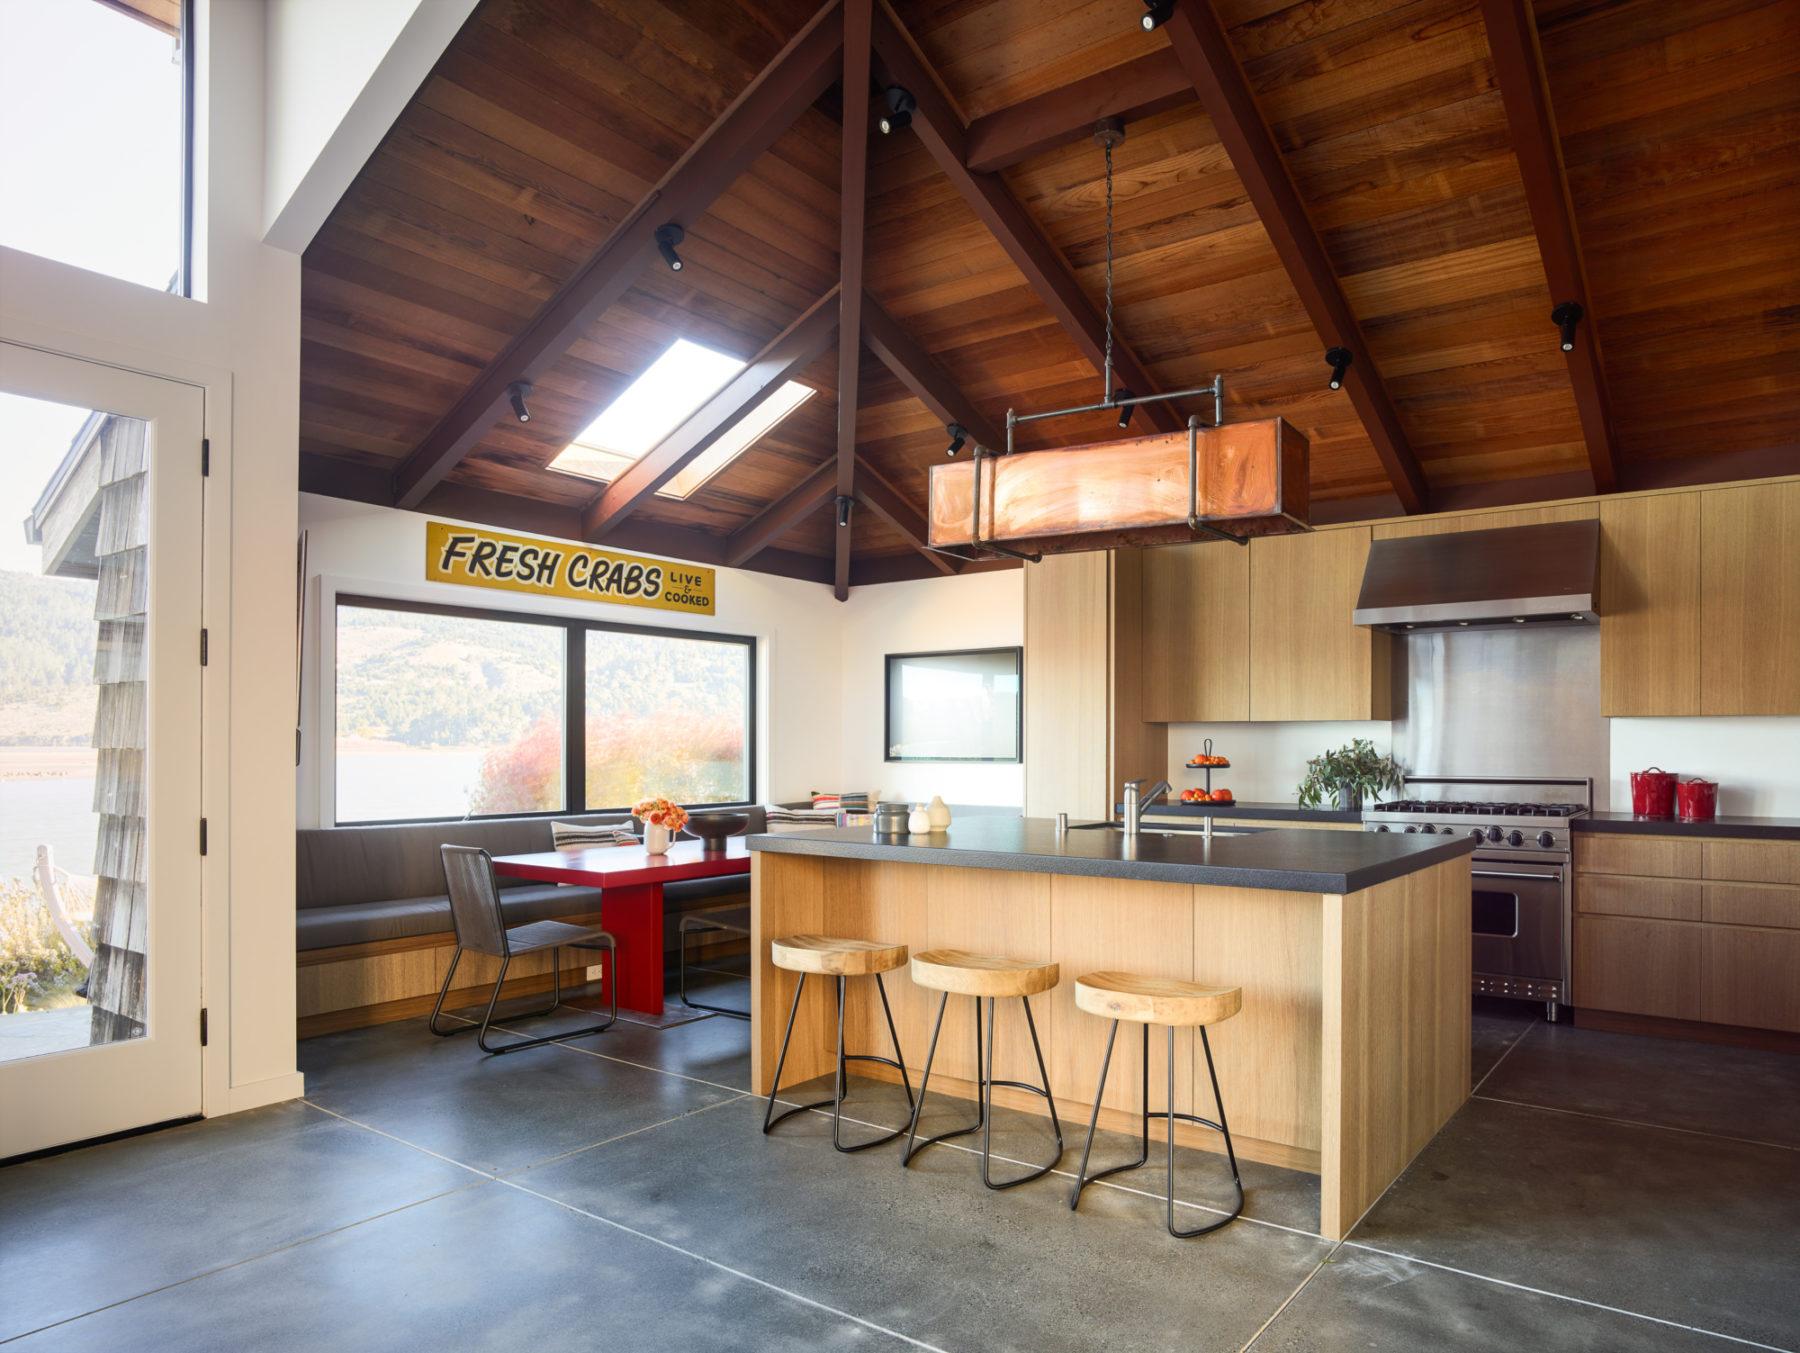 Industrial-modern wooden kitchen area